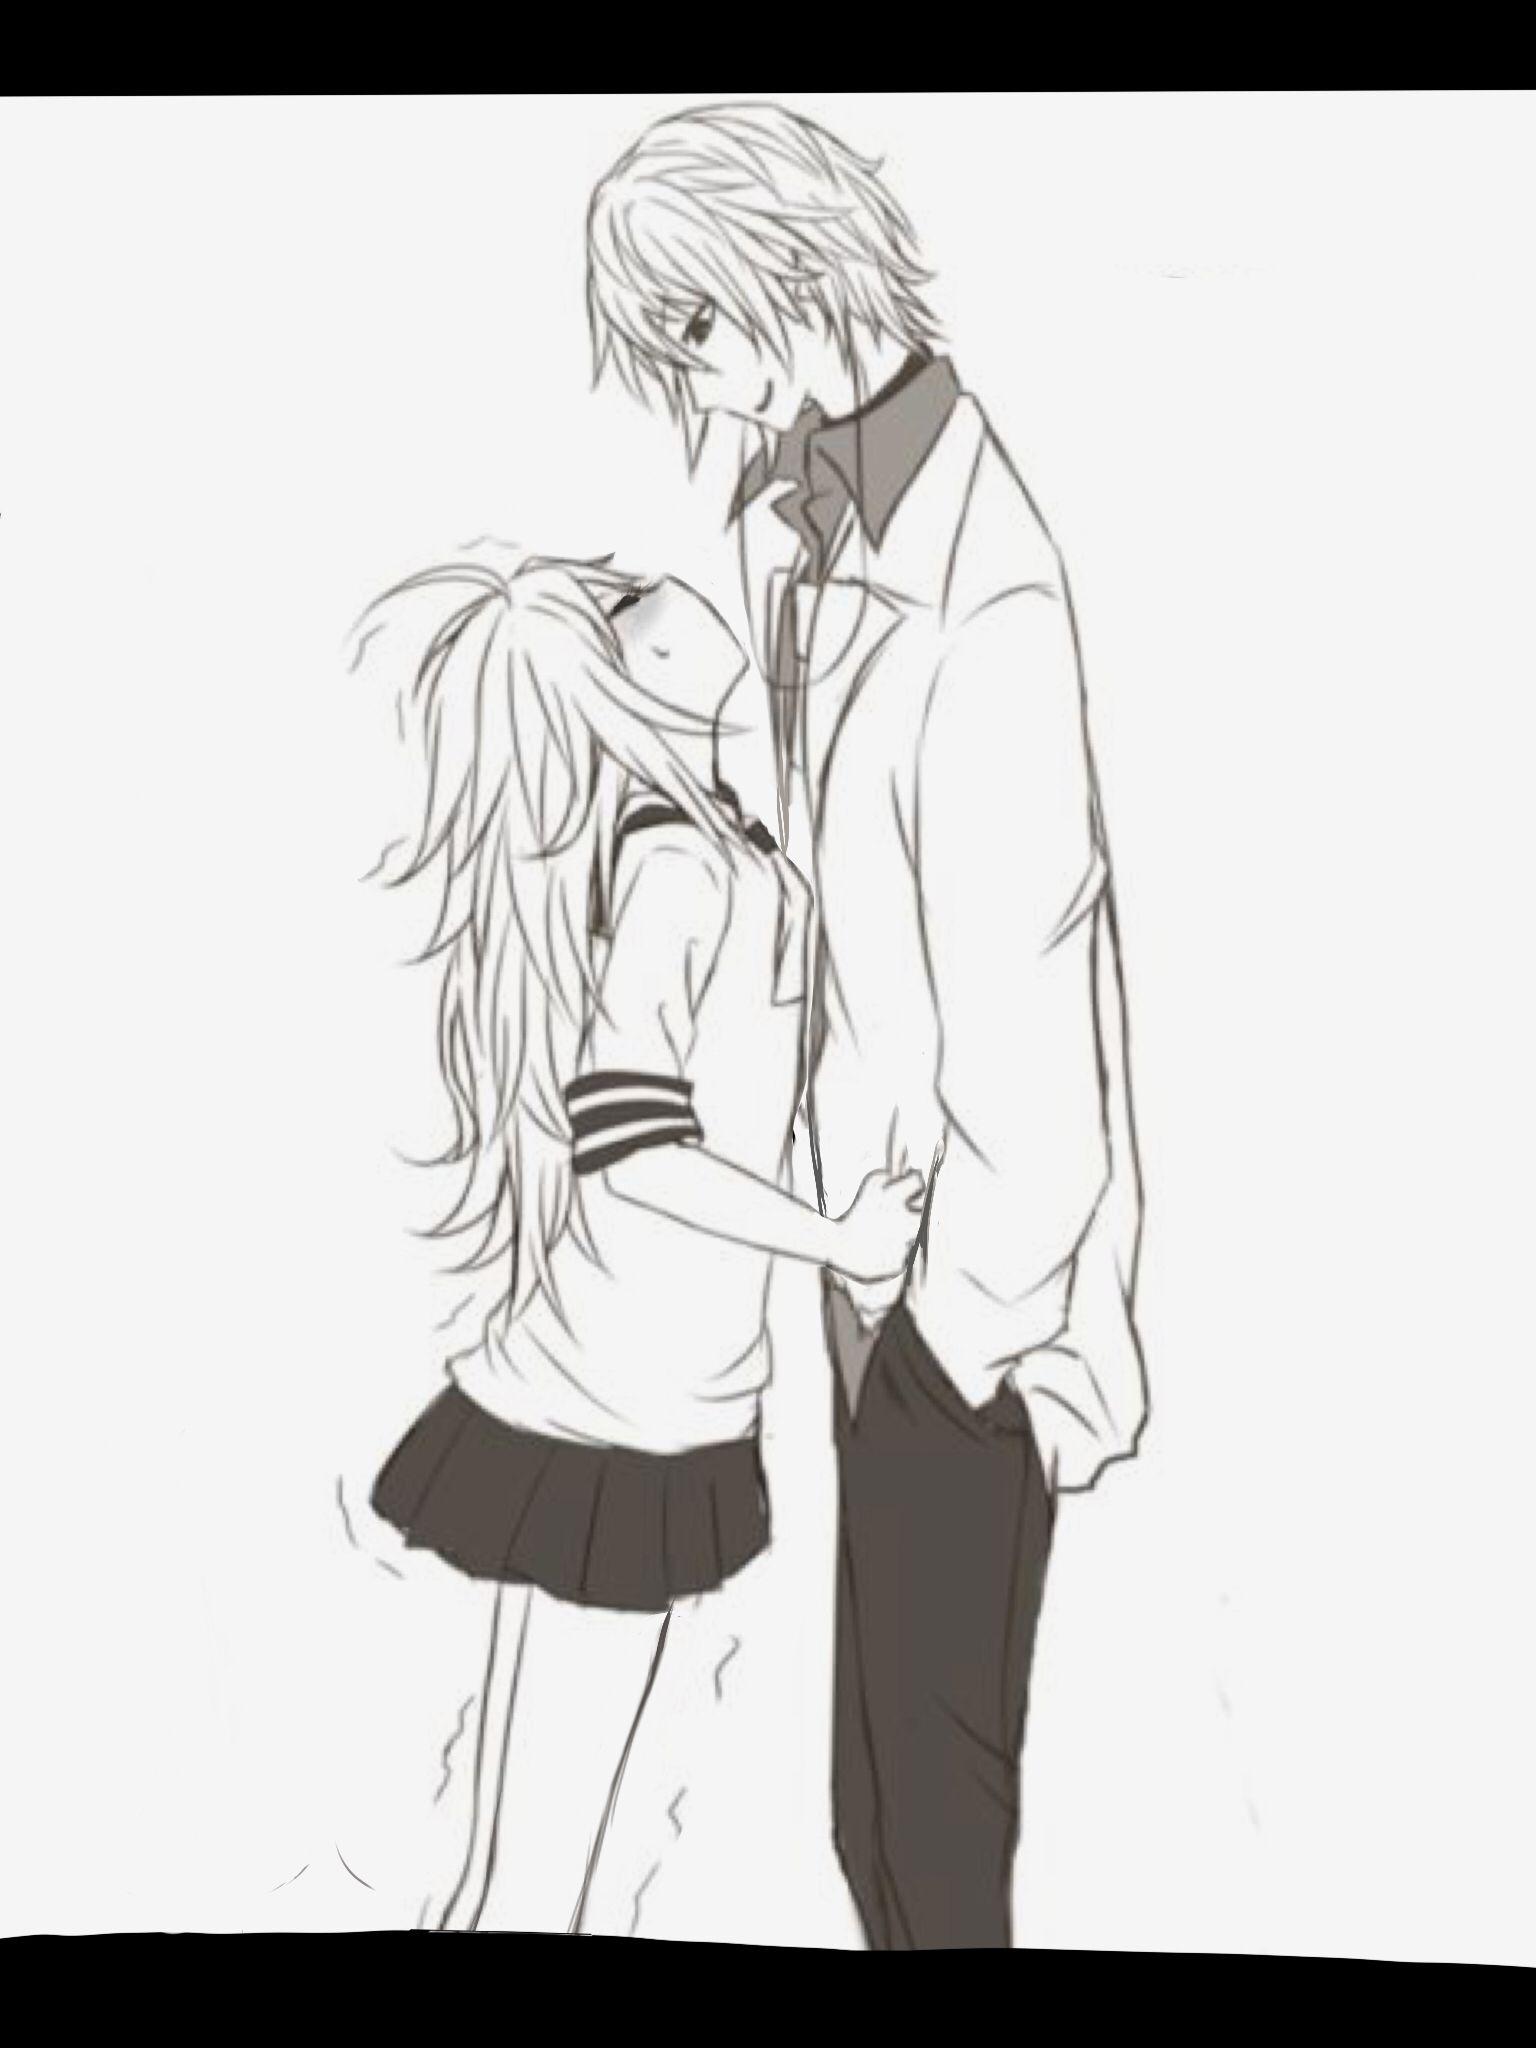 Casais Bonitos De Anime Amor Casal Meninas Baixas Meninos Animes Manga Arte Pesquisa Do Google Caras Altos